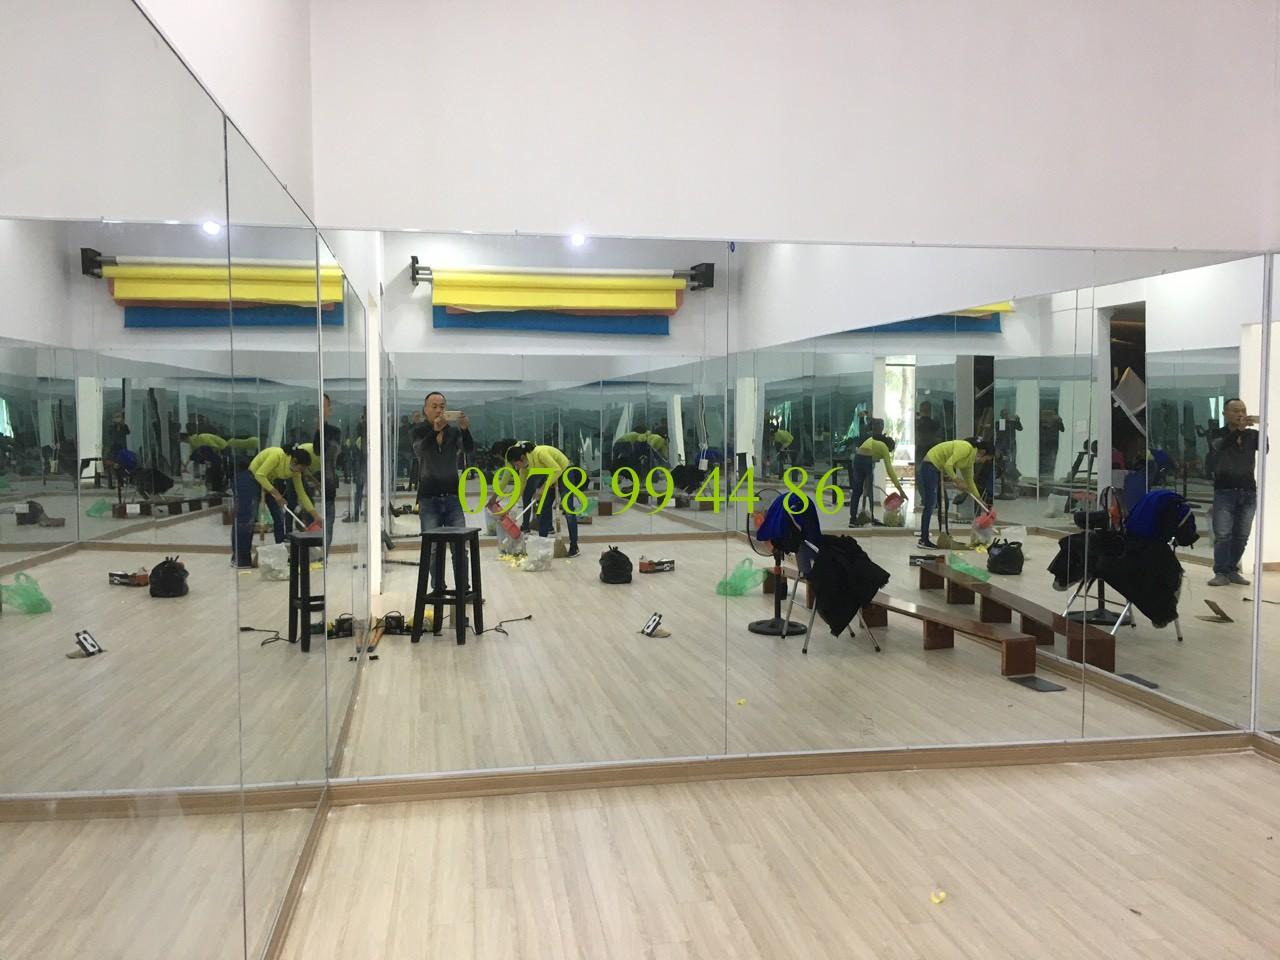 Gương phòng tập 28479 Chuyên gương phòng tập gym,yoga,zumba,múa chính hãng